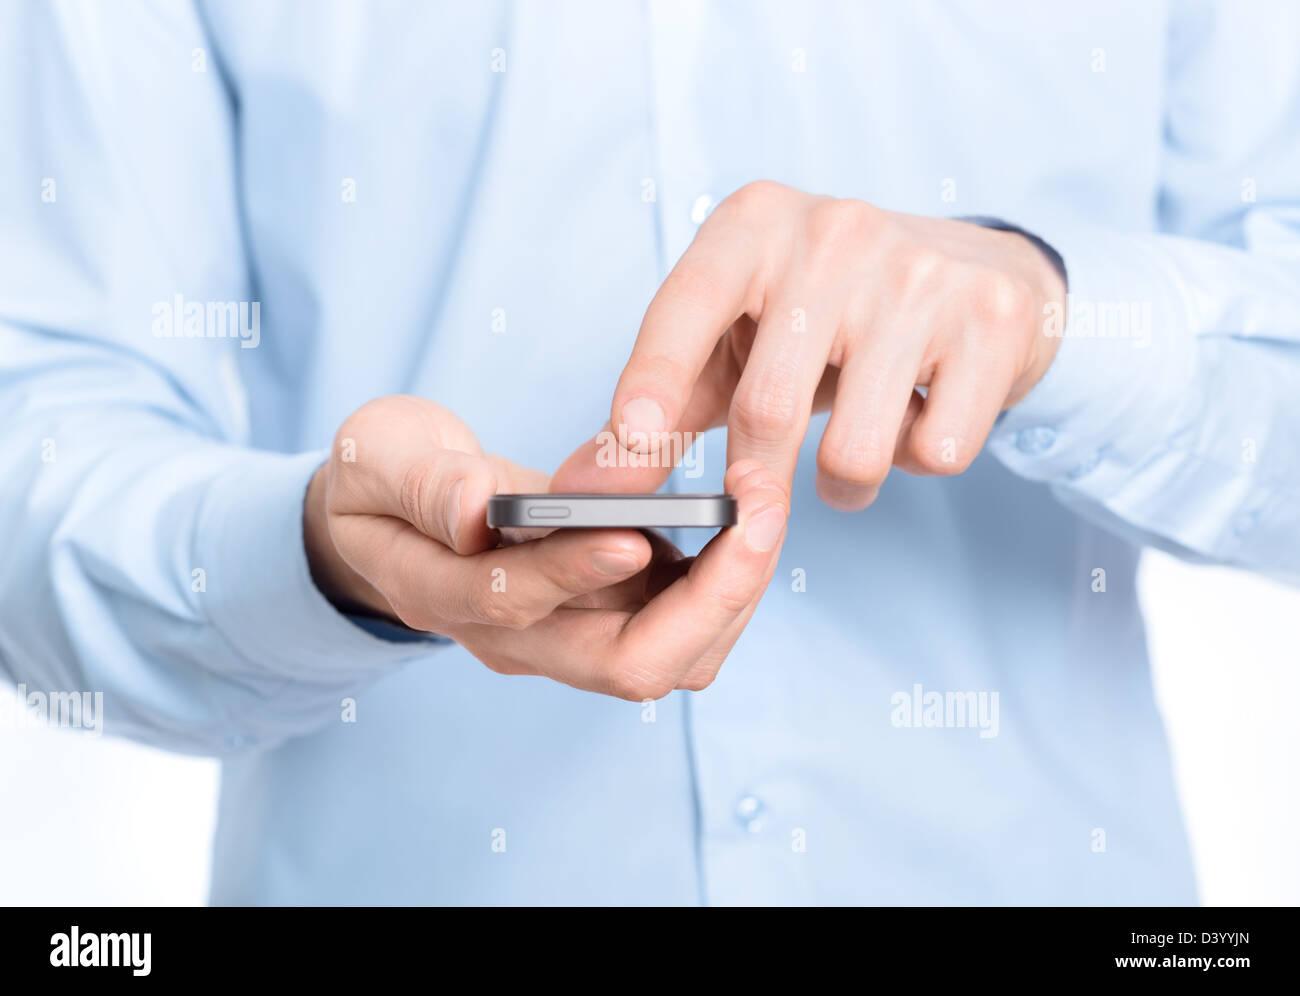 Geschäftsmann hält und auf Handy-Bildschirm zu berühren. Nahaufnahme Foto. Stockbild